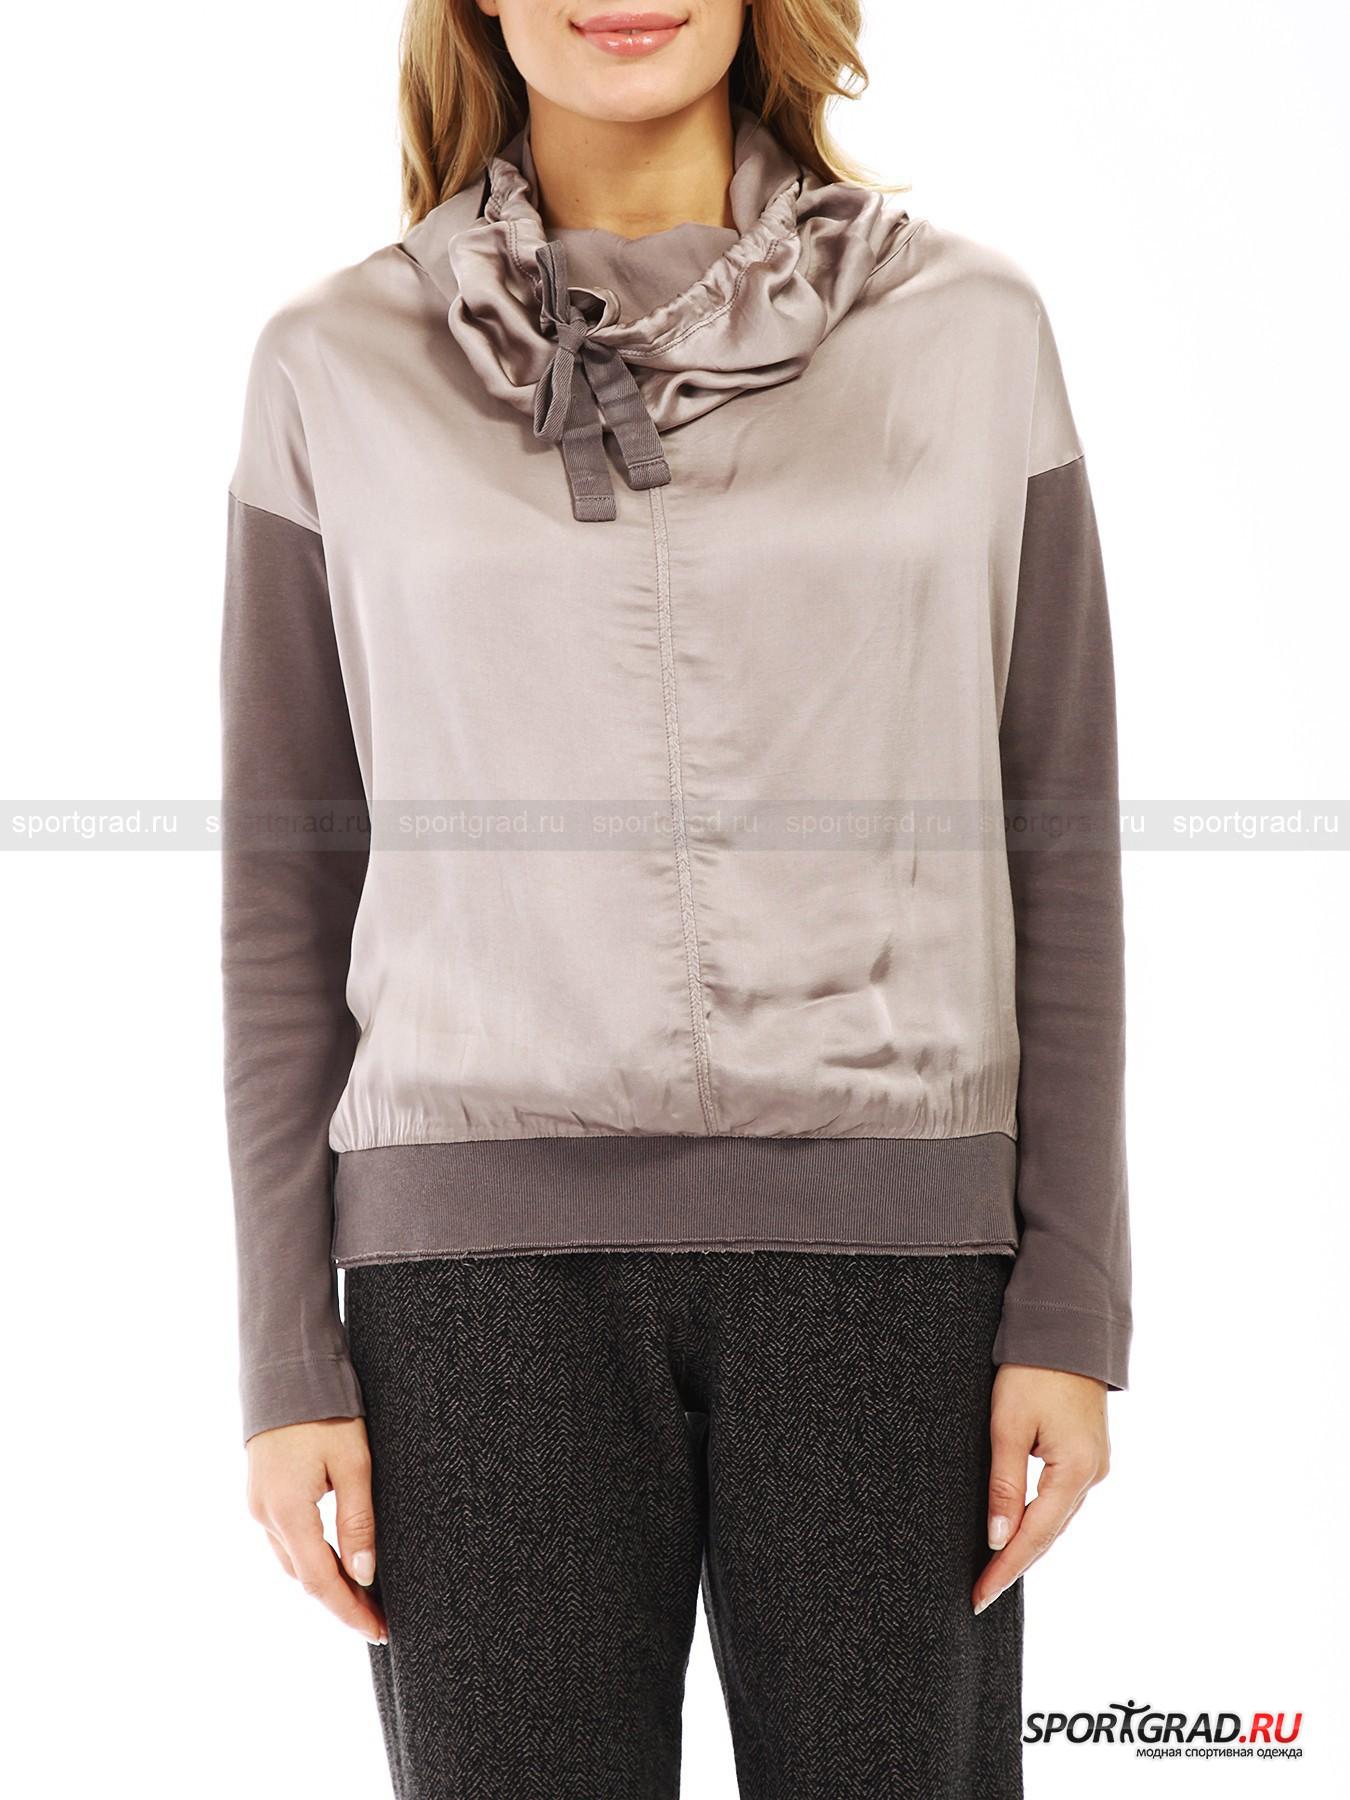 ��������� ������� Sweatshirts DEHA